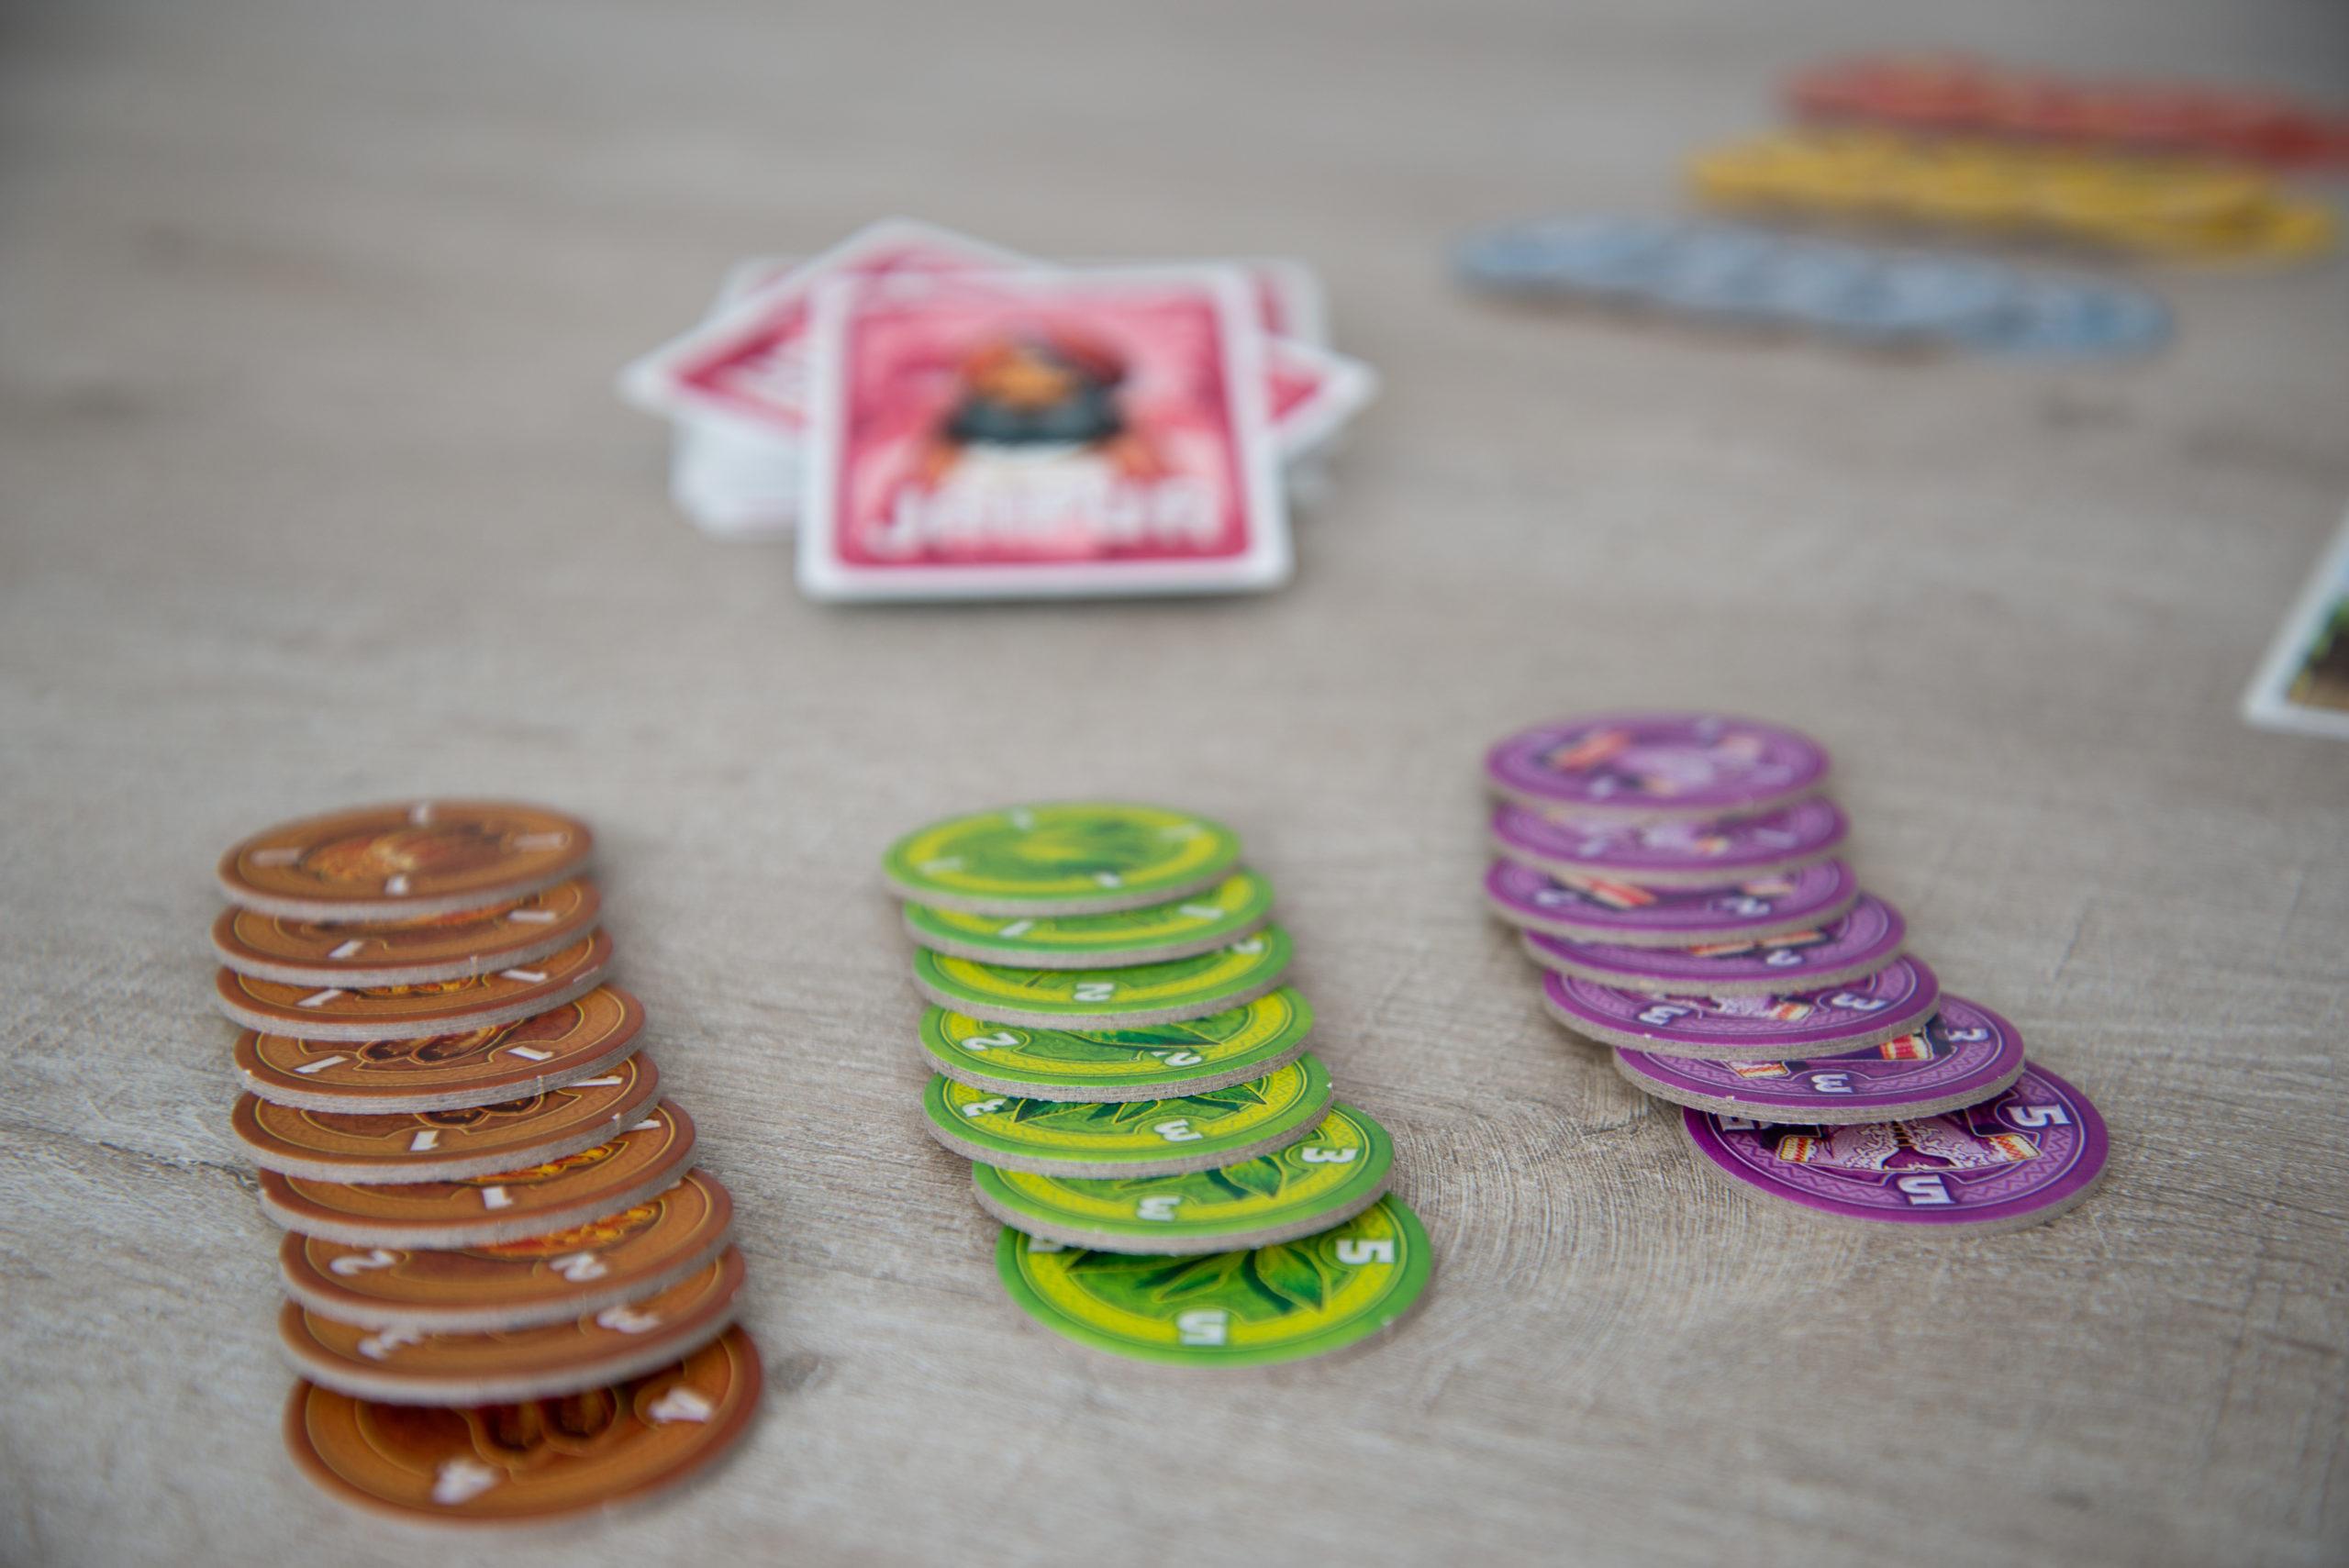 jaipur, jeux deux joueurs, regles du jeu, test, avis